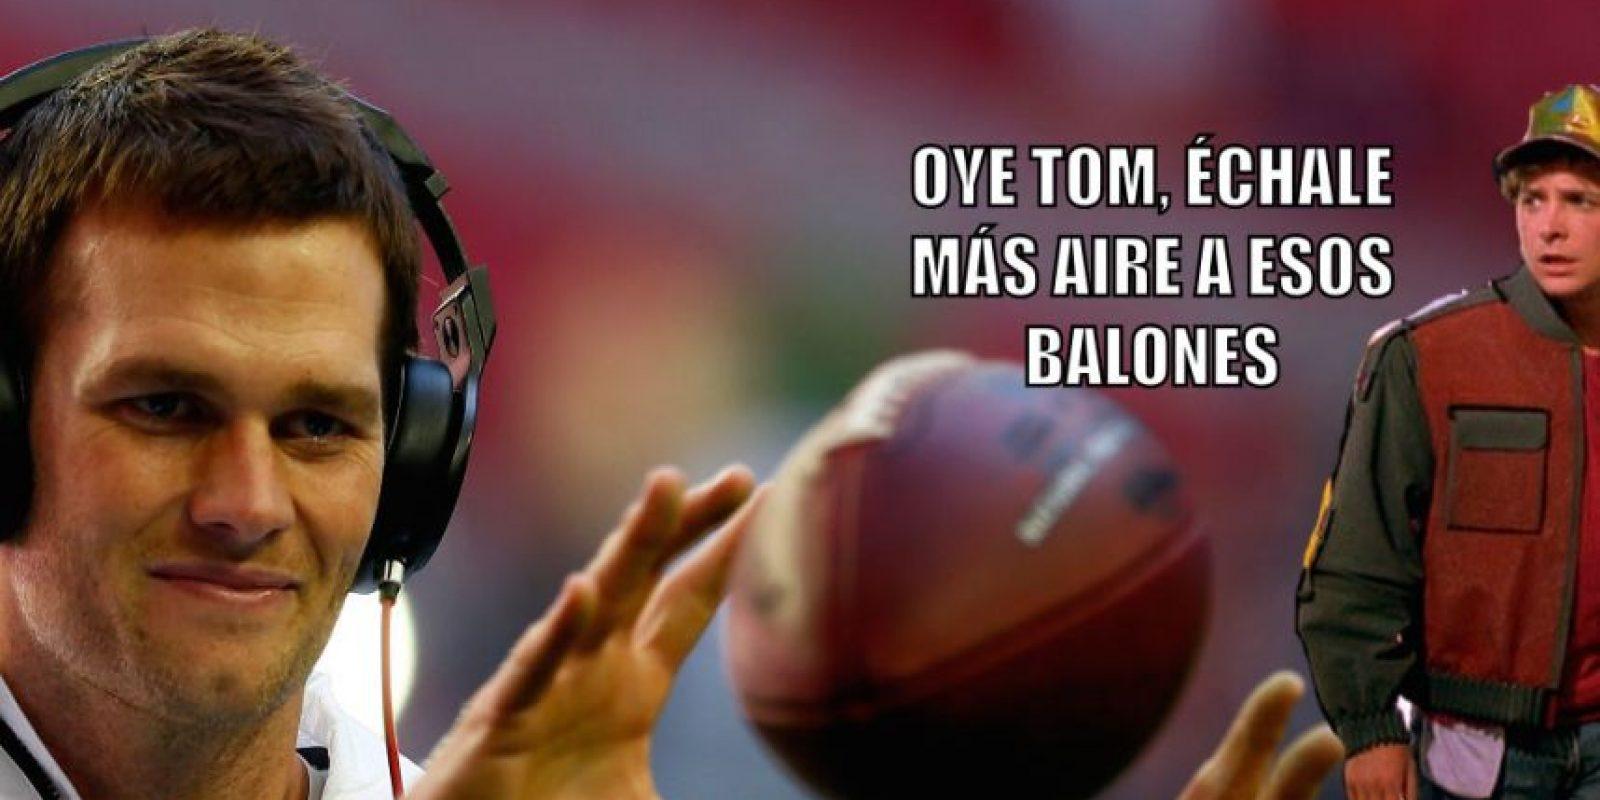 6. Que Tom Brady fuera acusado de hacer trampa por usar balones desinflados rumbo al Super Bowl XLIX. Foto:Getty Images